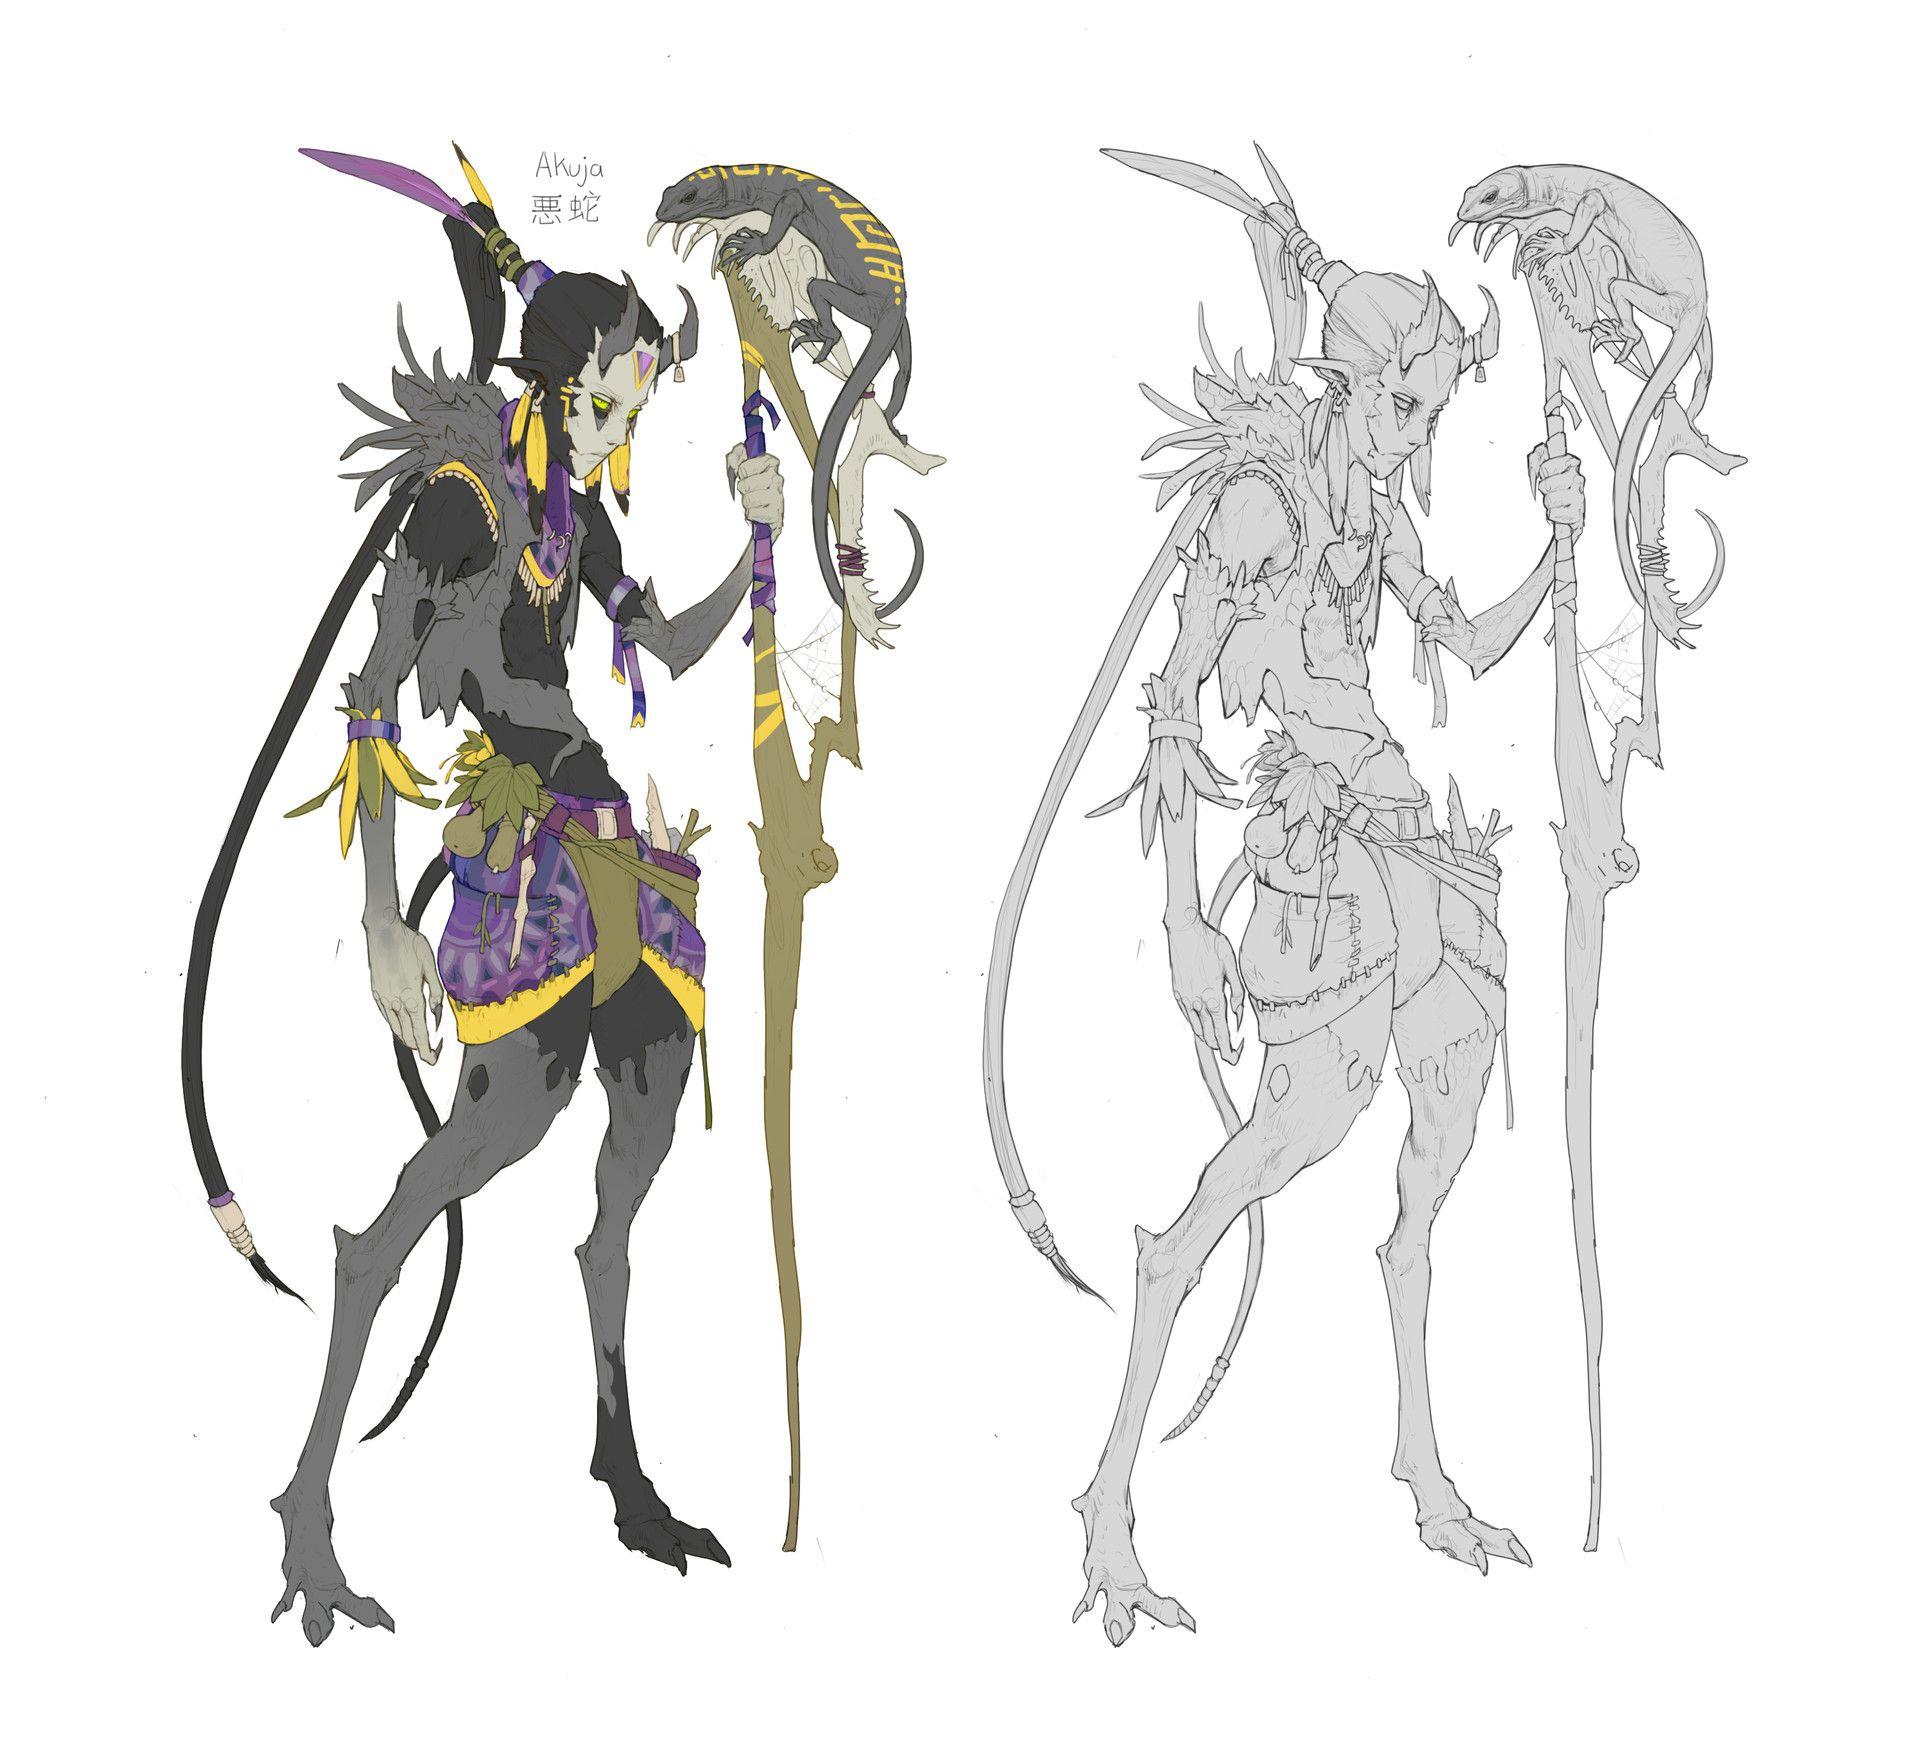 ArtStation - Akuja 悪蛇 - Tiefling Druid, Rich Carey